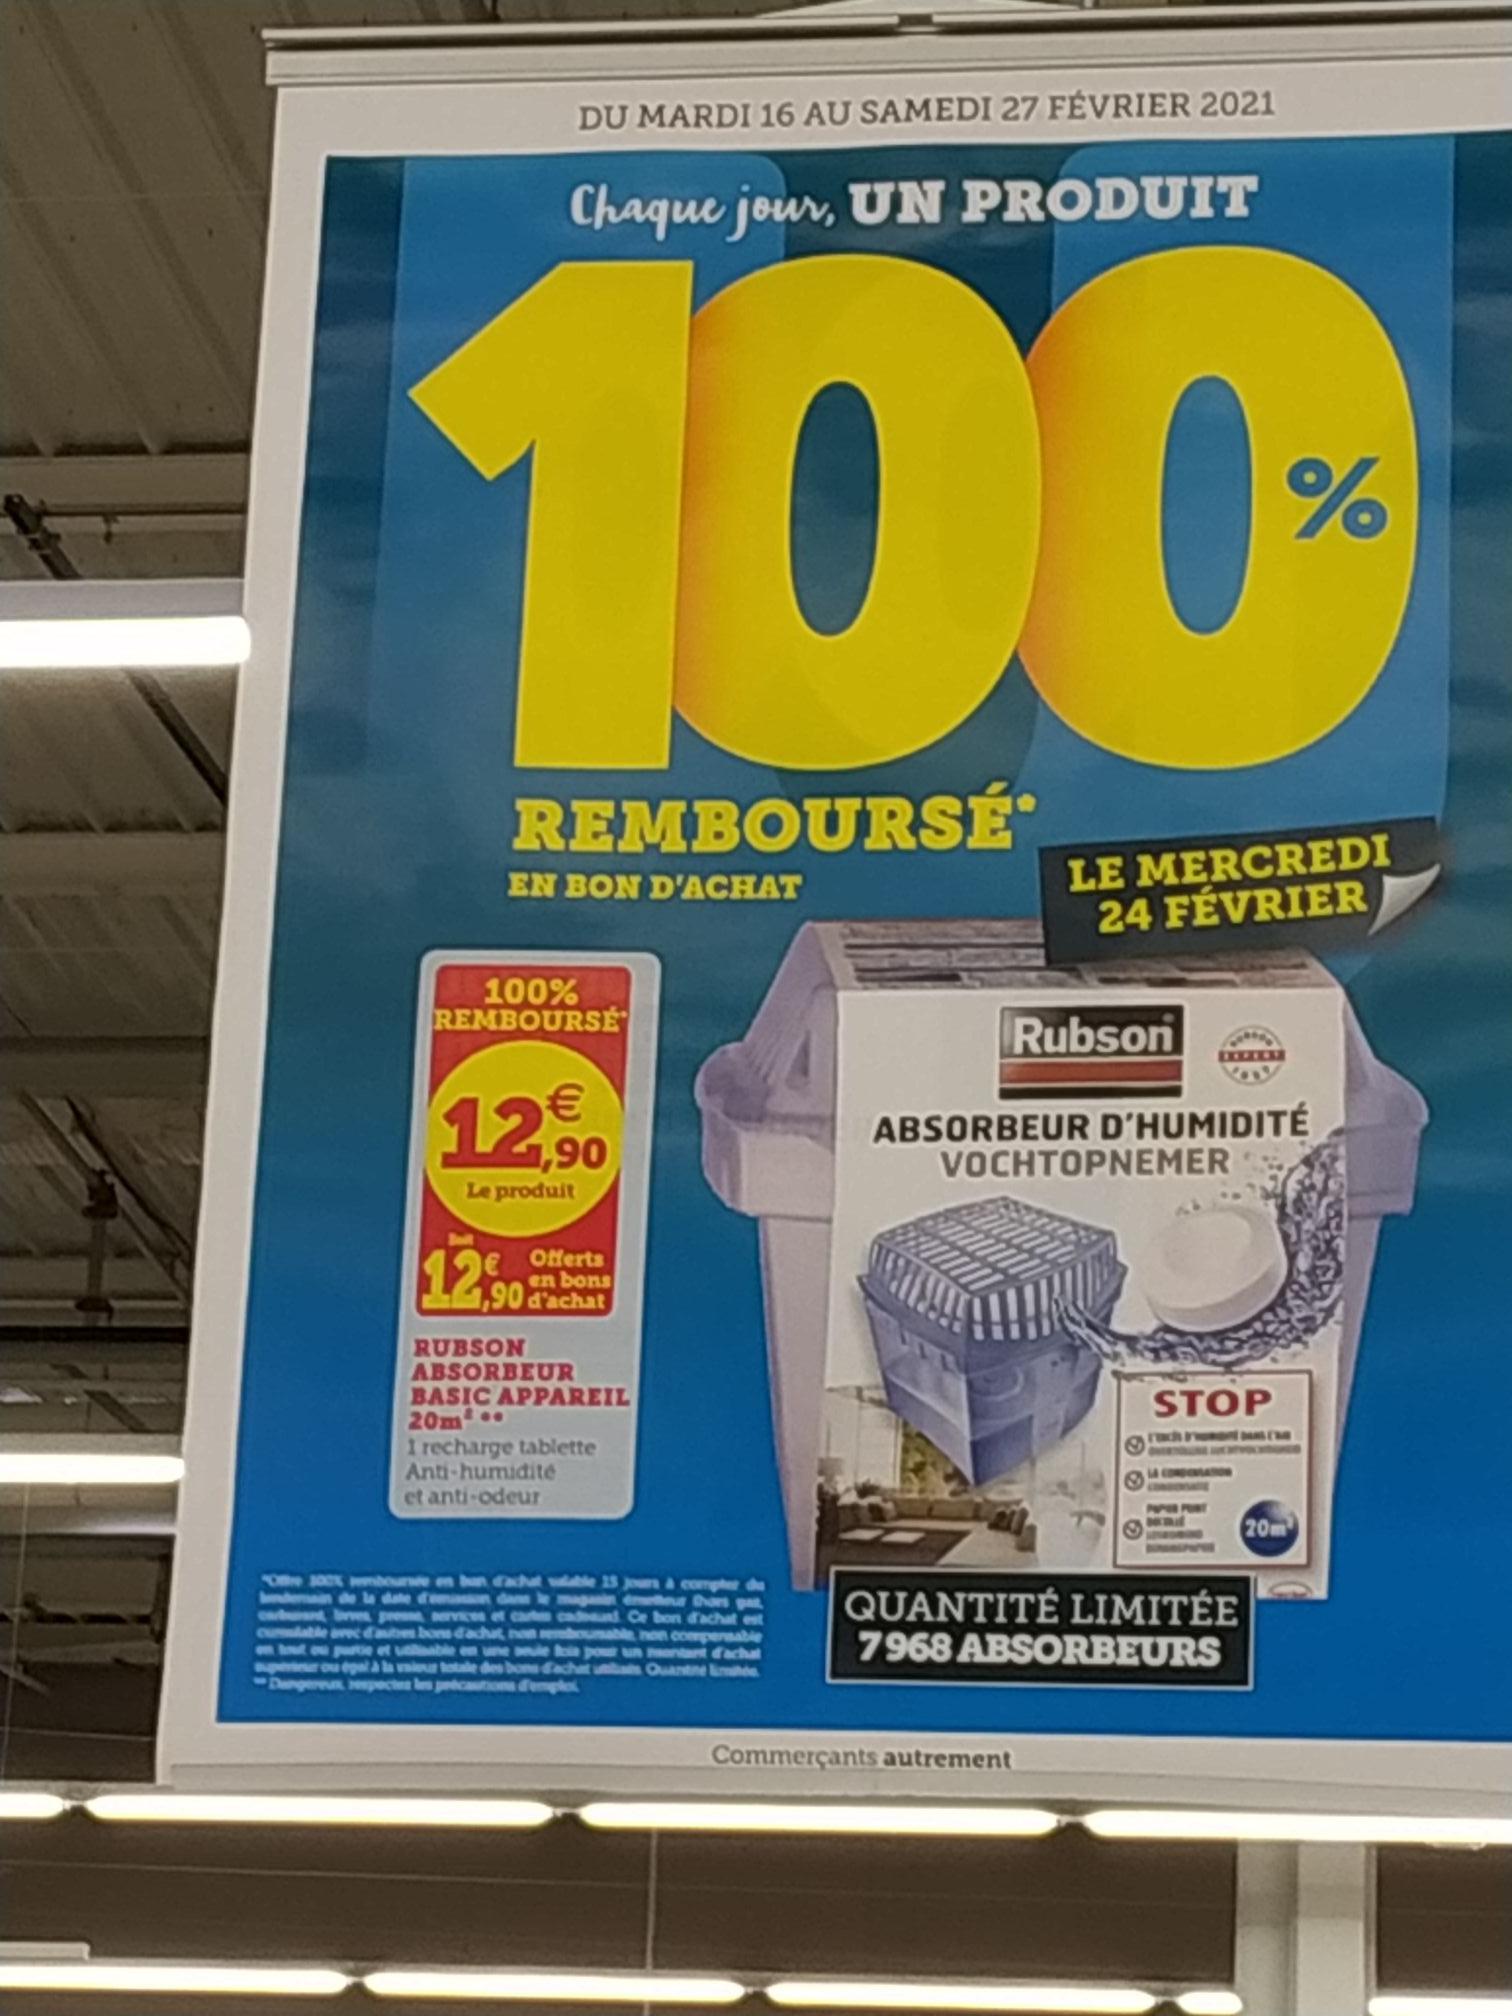 Absorbeur d'humidité rubson (100% remboursé en bon d'achat) - Montmorot (39)